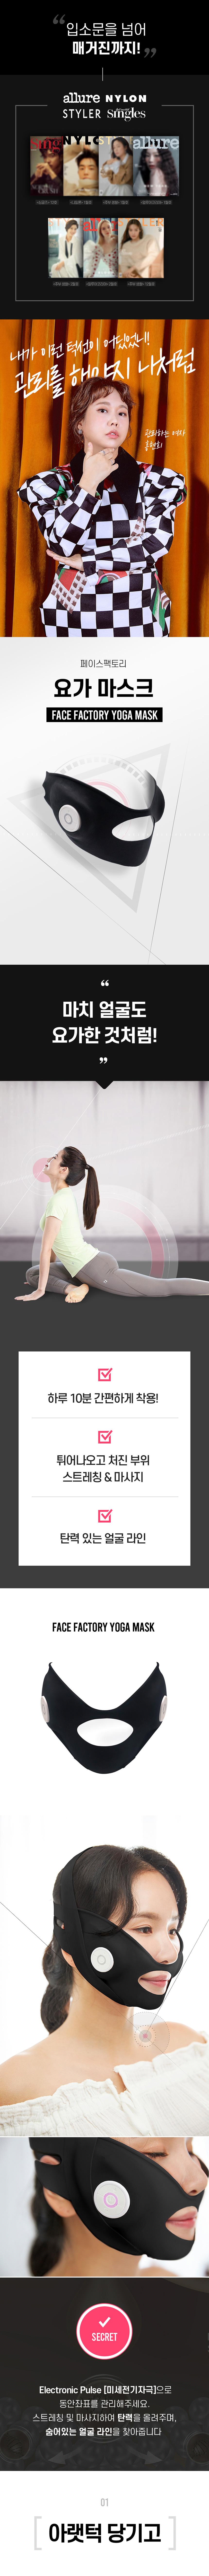 yogamask5.jpg